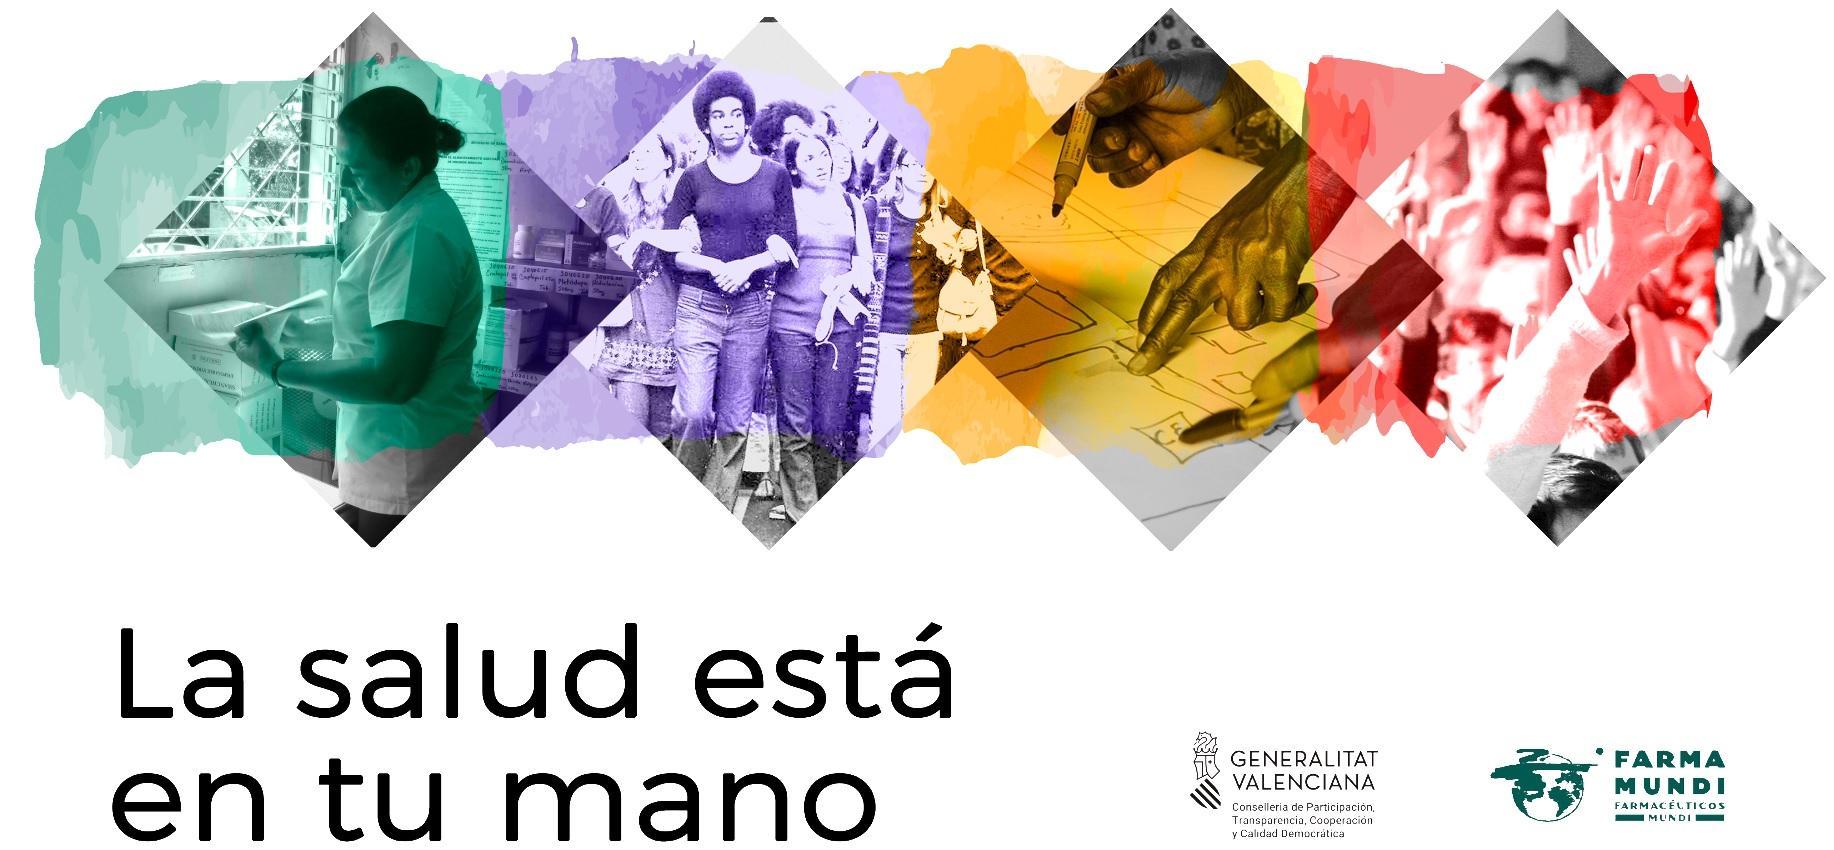 Proyecto La salud está en tu mano de educación para el desarrollo realizado por Farmamundi